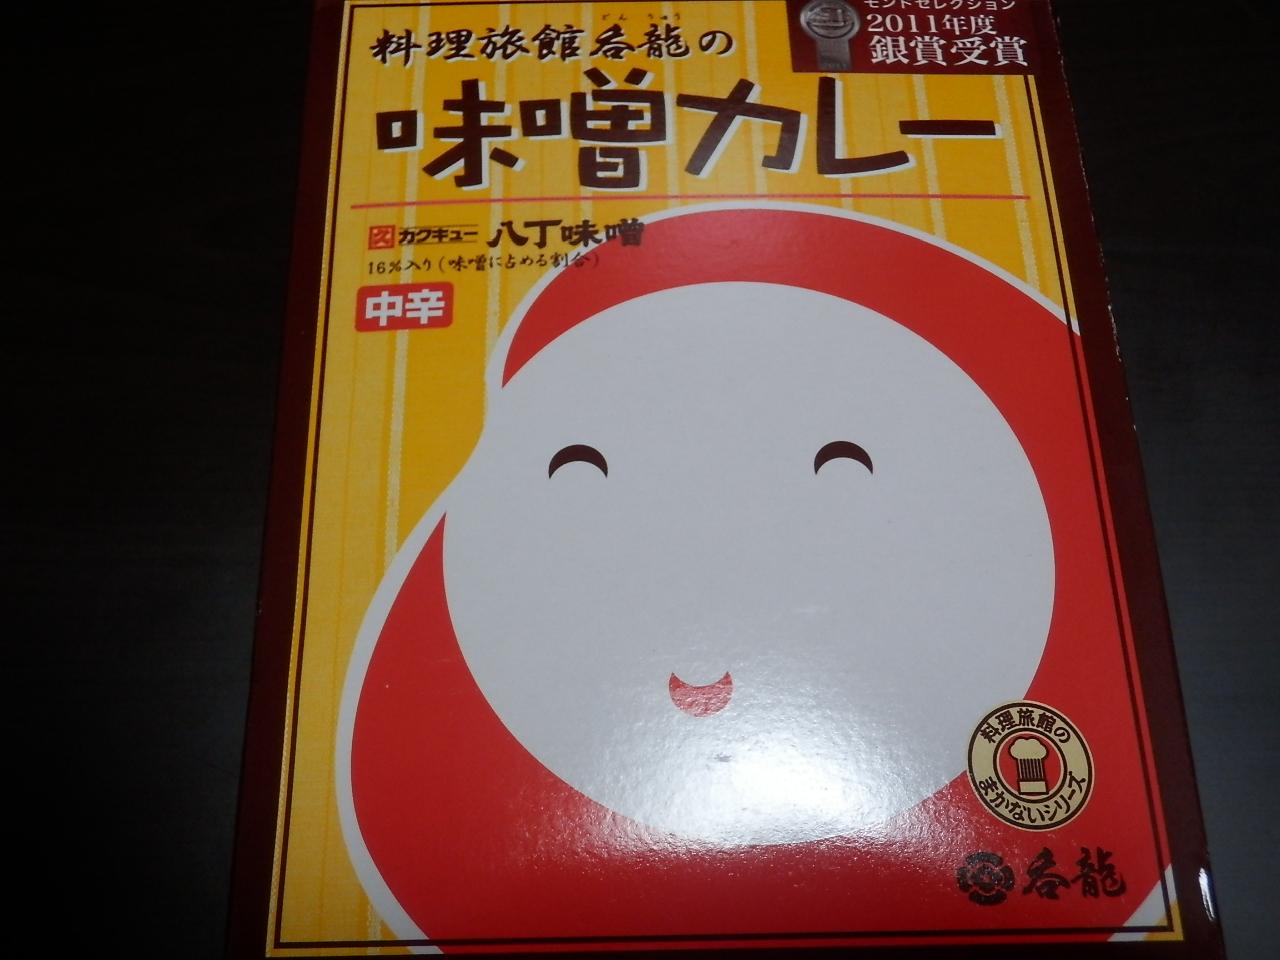 http://curry.tokyo-review.com/image3/P4141614.JPG